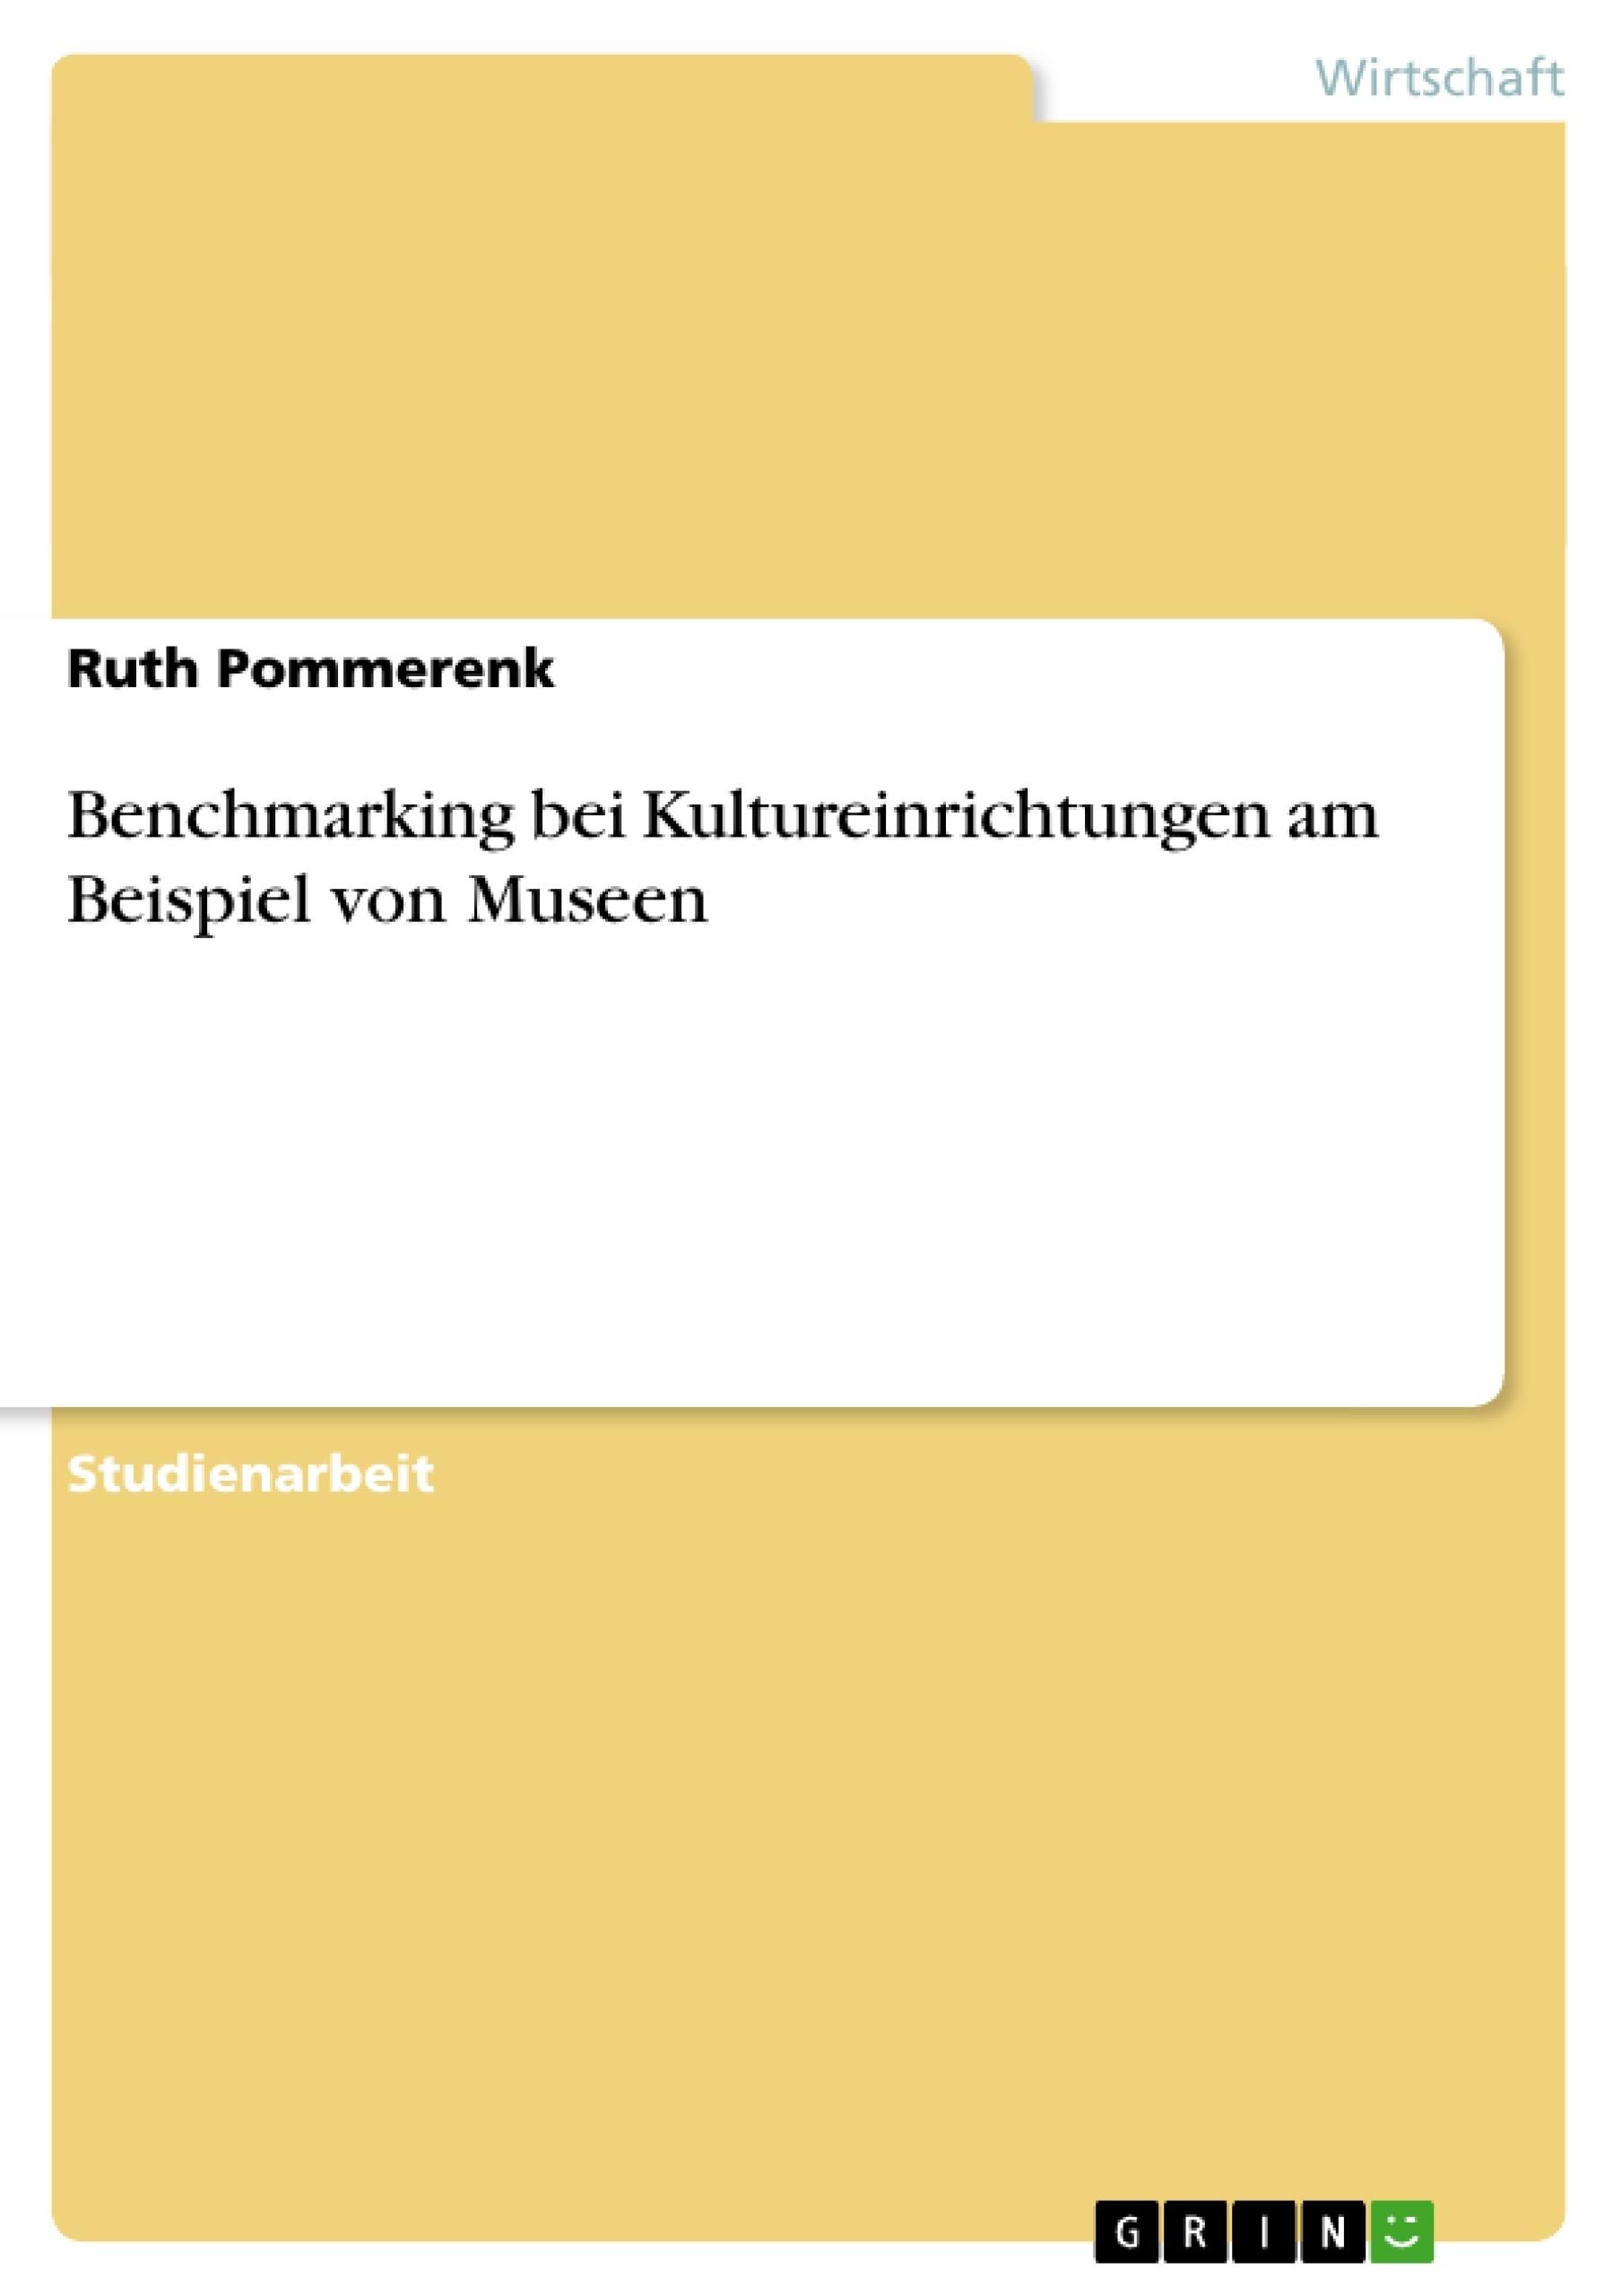 Titel: Benchmarking bei Kultureinrichtungen am Beispiel von Museen